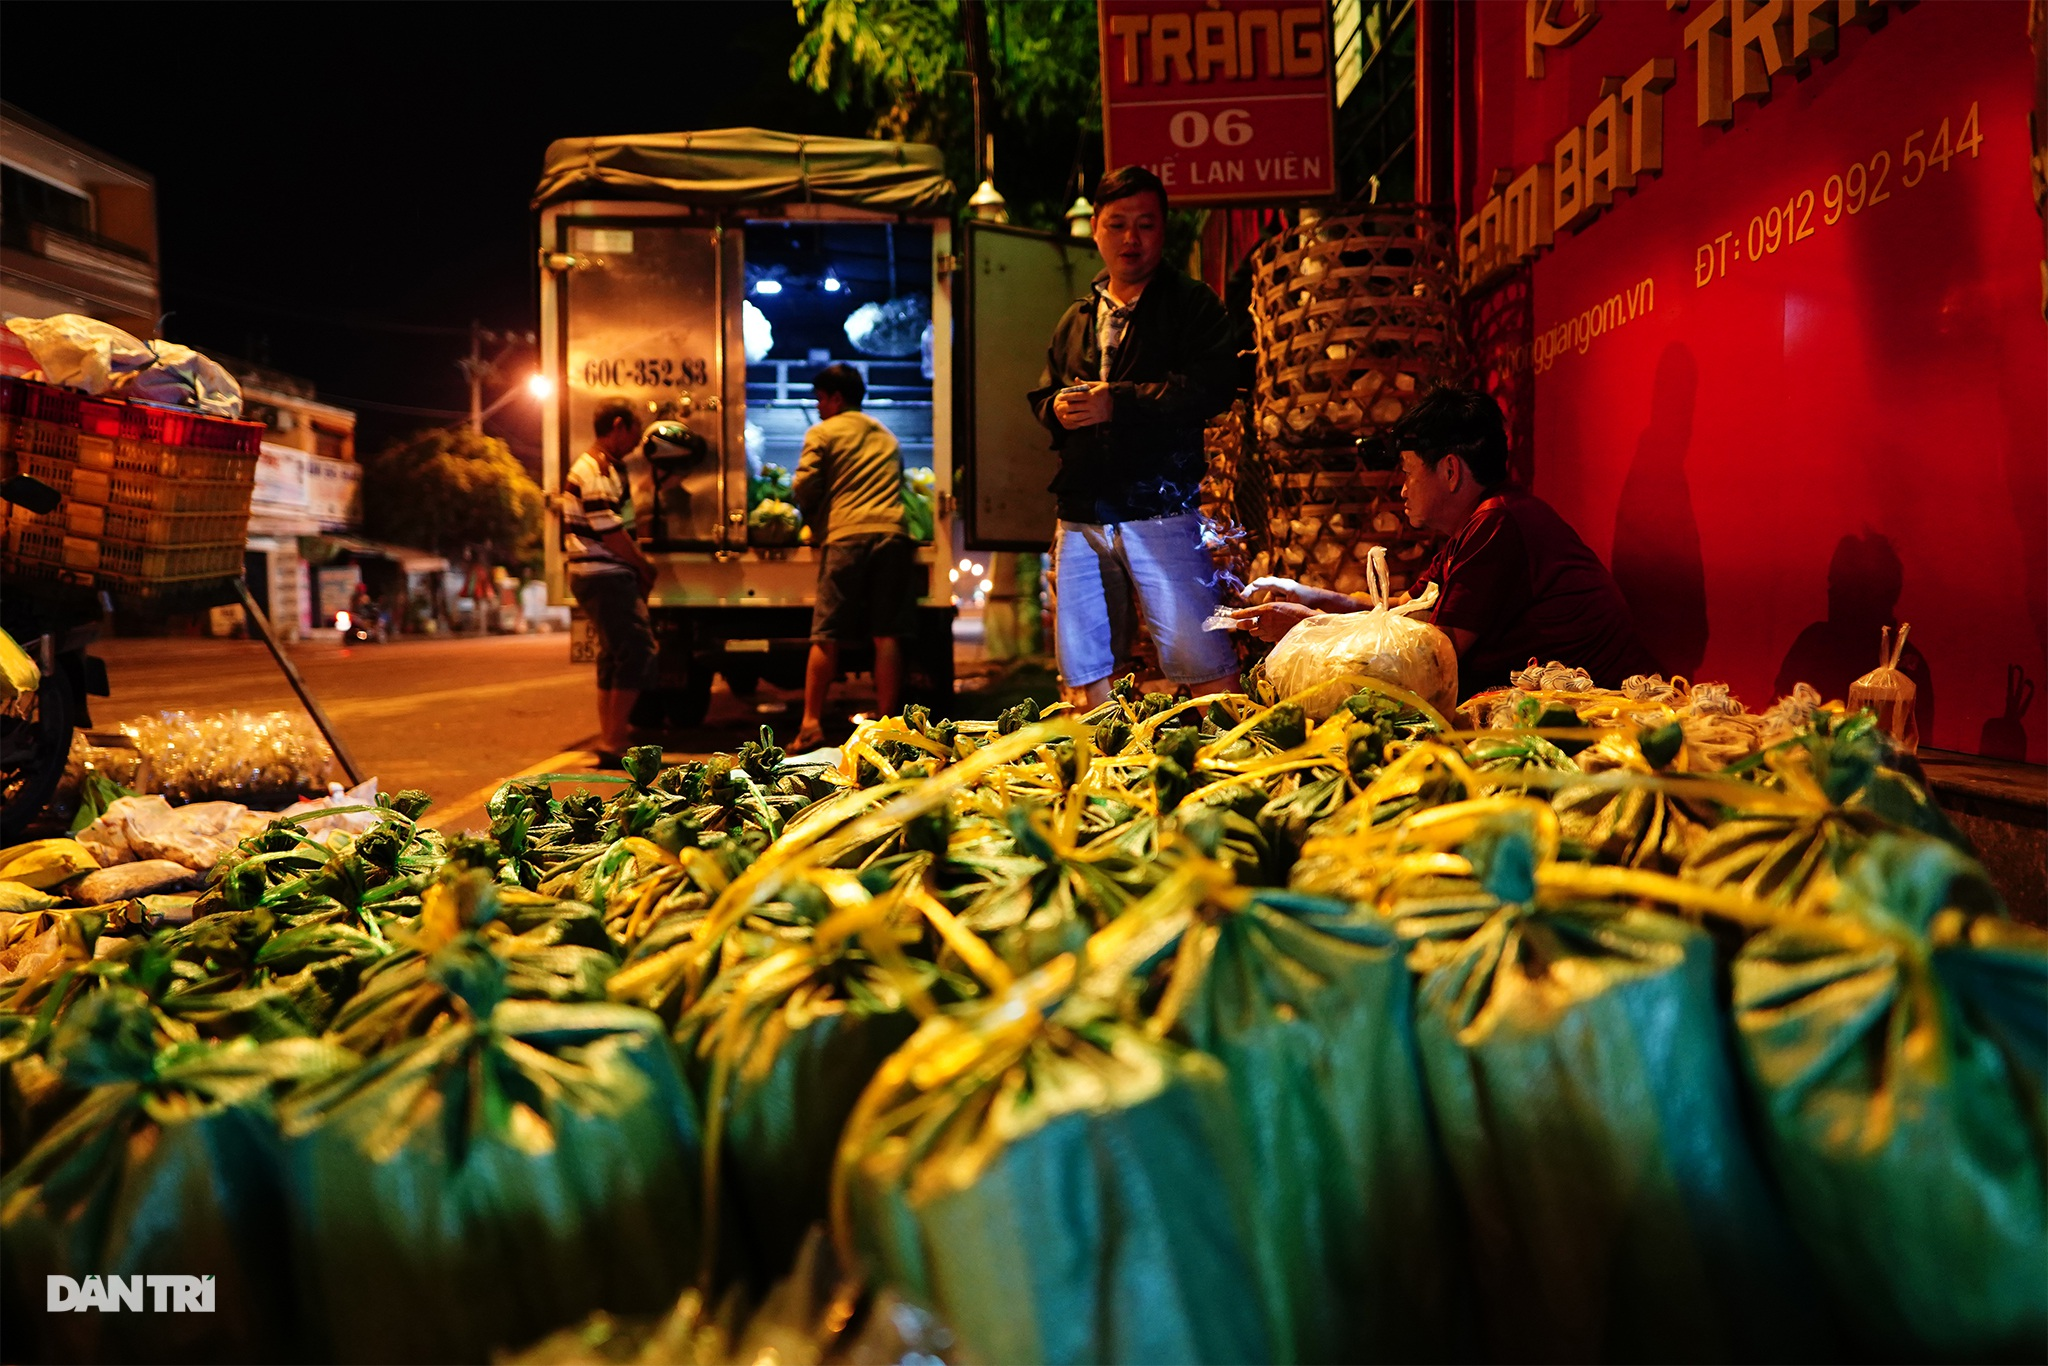 Các lái buôn giao bằng xe tải thì khối lượng có thể lên đến vài trăm ký; hàng cũng thuộc loại hiếm và cao cấp hơn